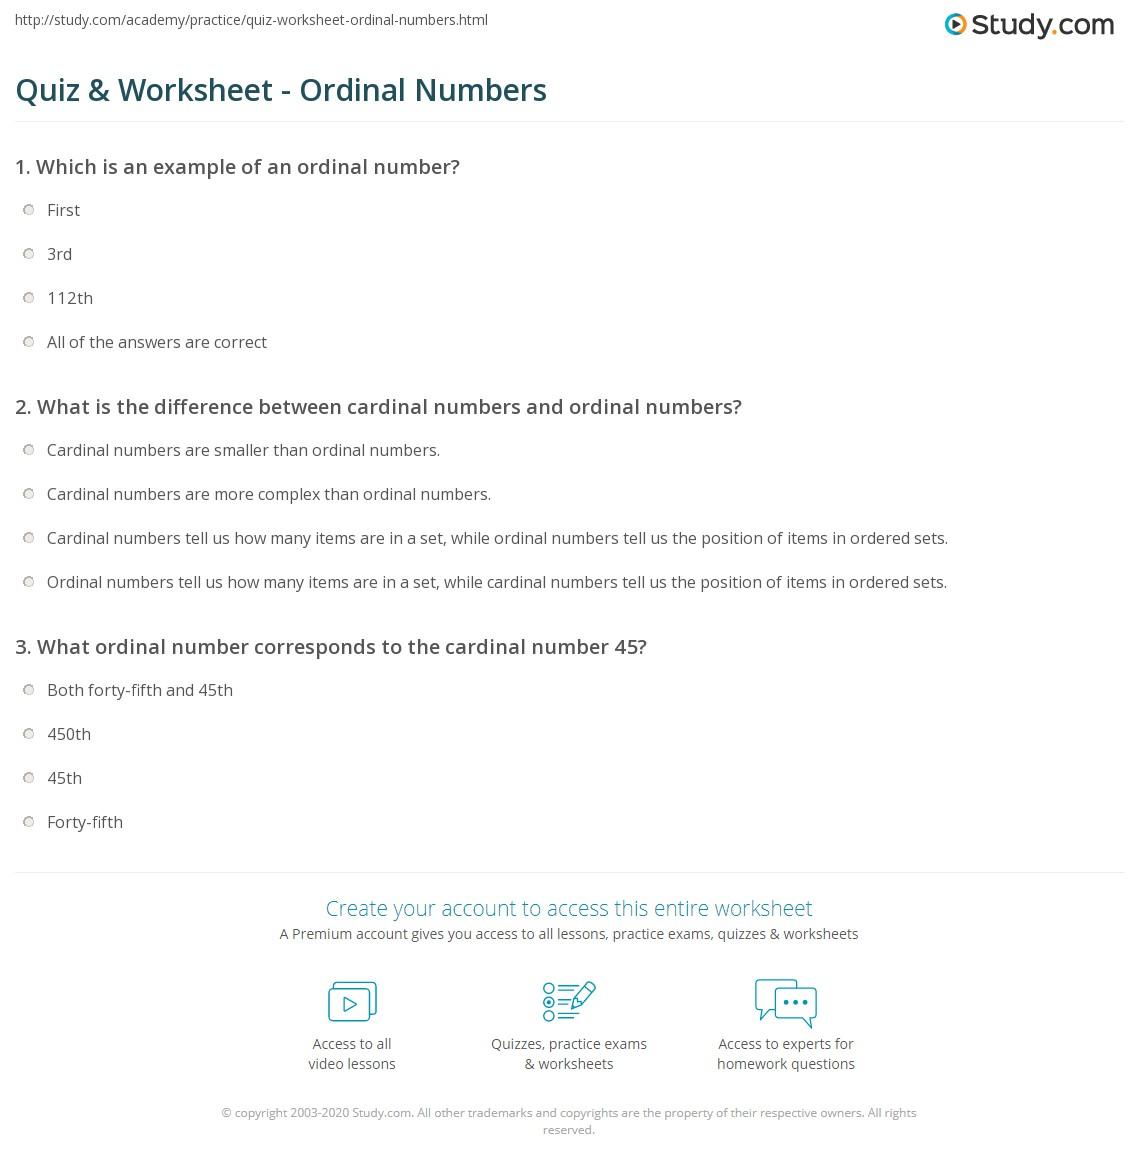 worksheet Ordinal Numbers Worksheets quiz worksheet ordinal numbers study com print what is an number definition example worksheet